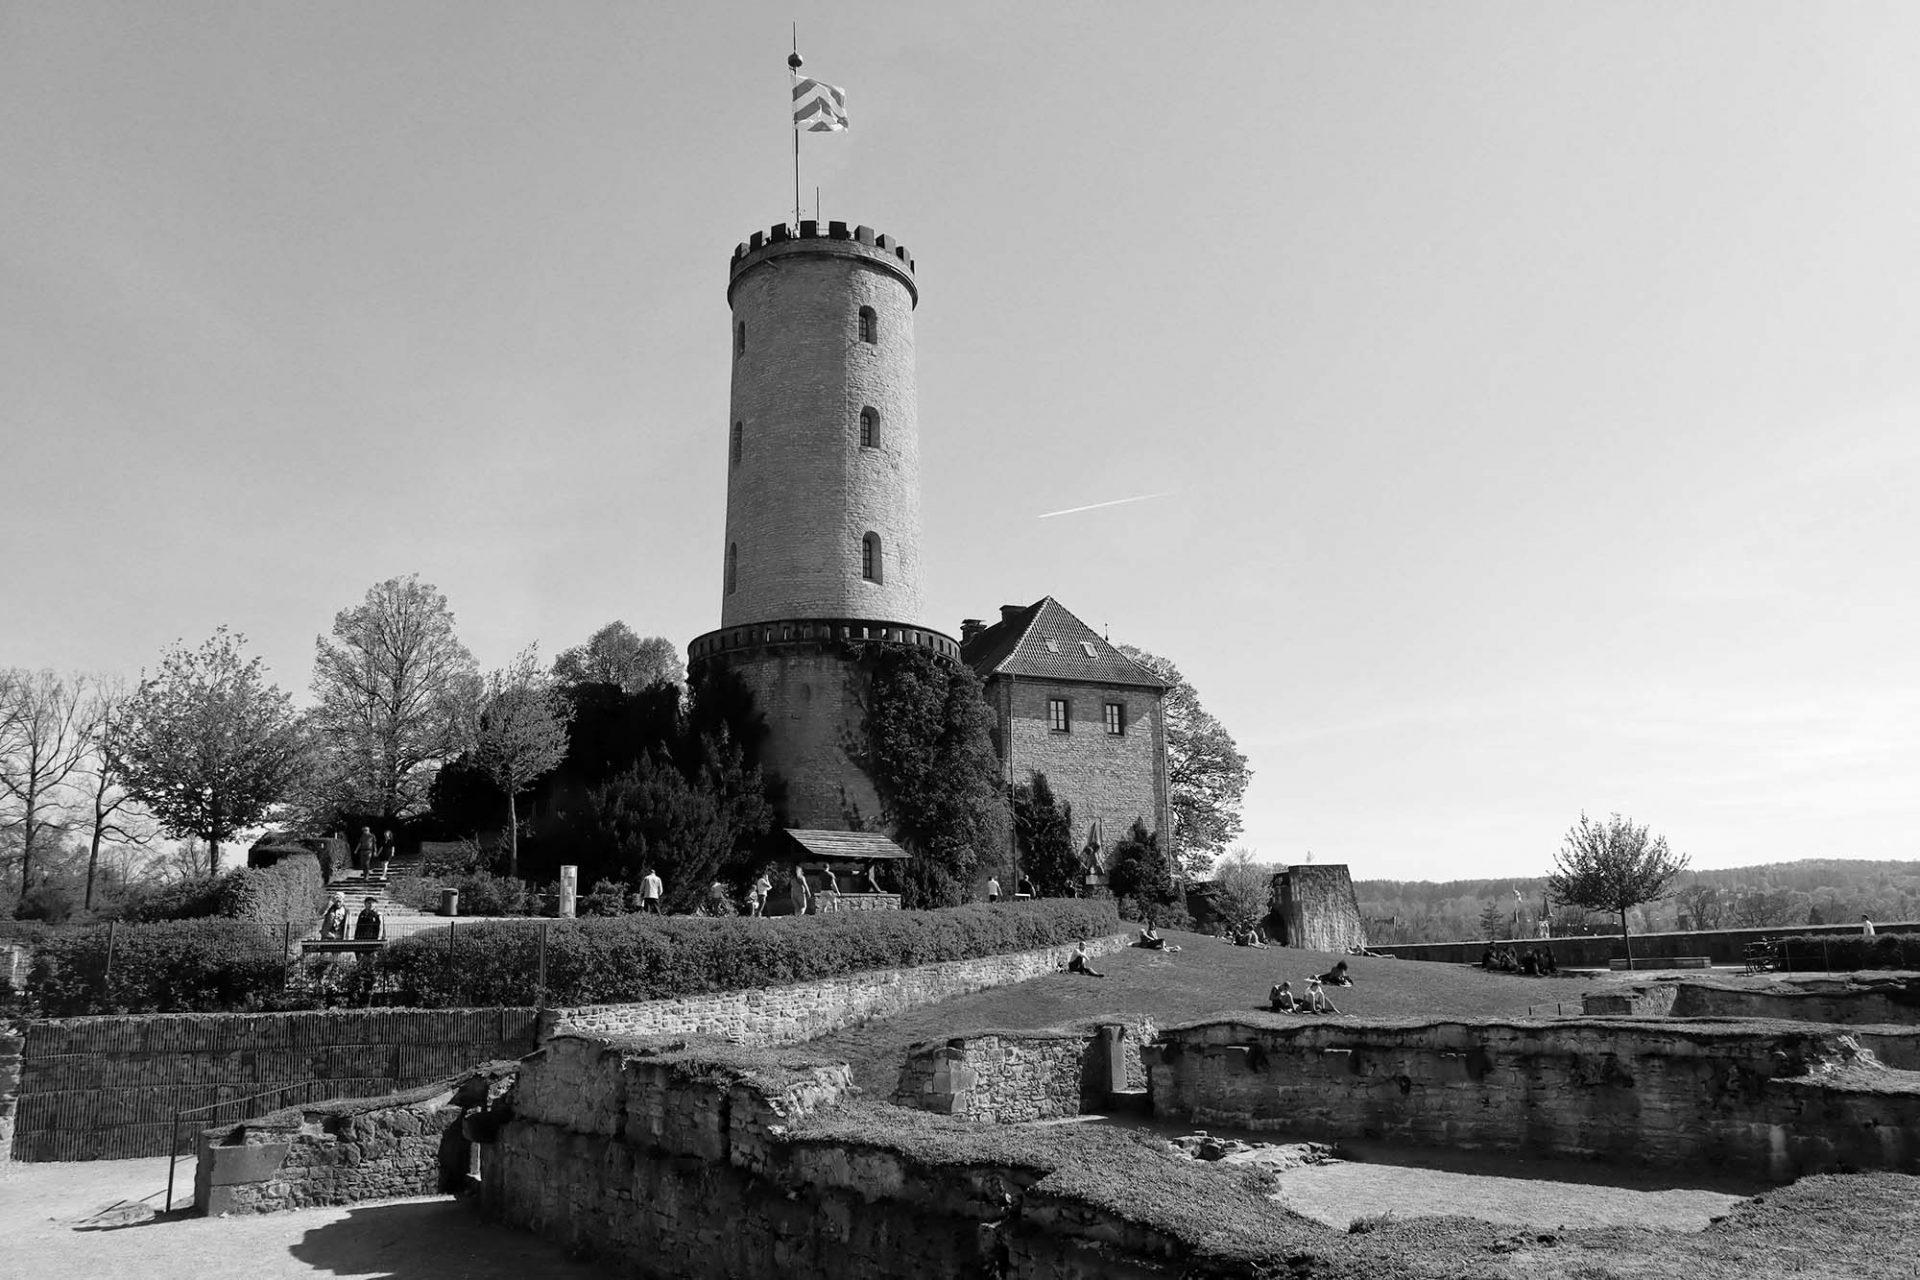 Sparrenburg. Die mittelalterliche Festung thront auf dem 180 Meter hohen Sparrenberg im Teutoburger Wald. Die Anlage geht im Wesentlichen auf das 16. und 19. Jahrhundert zurück.